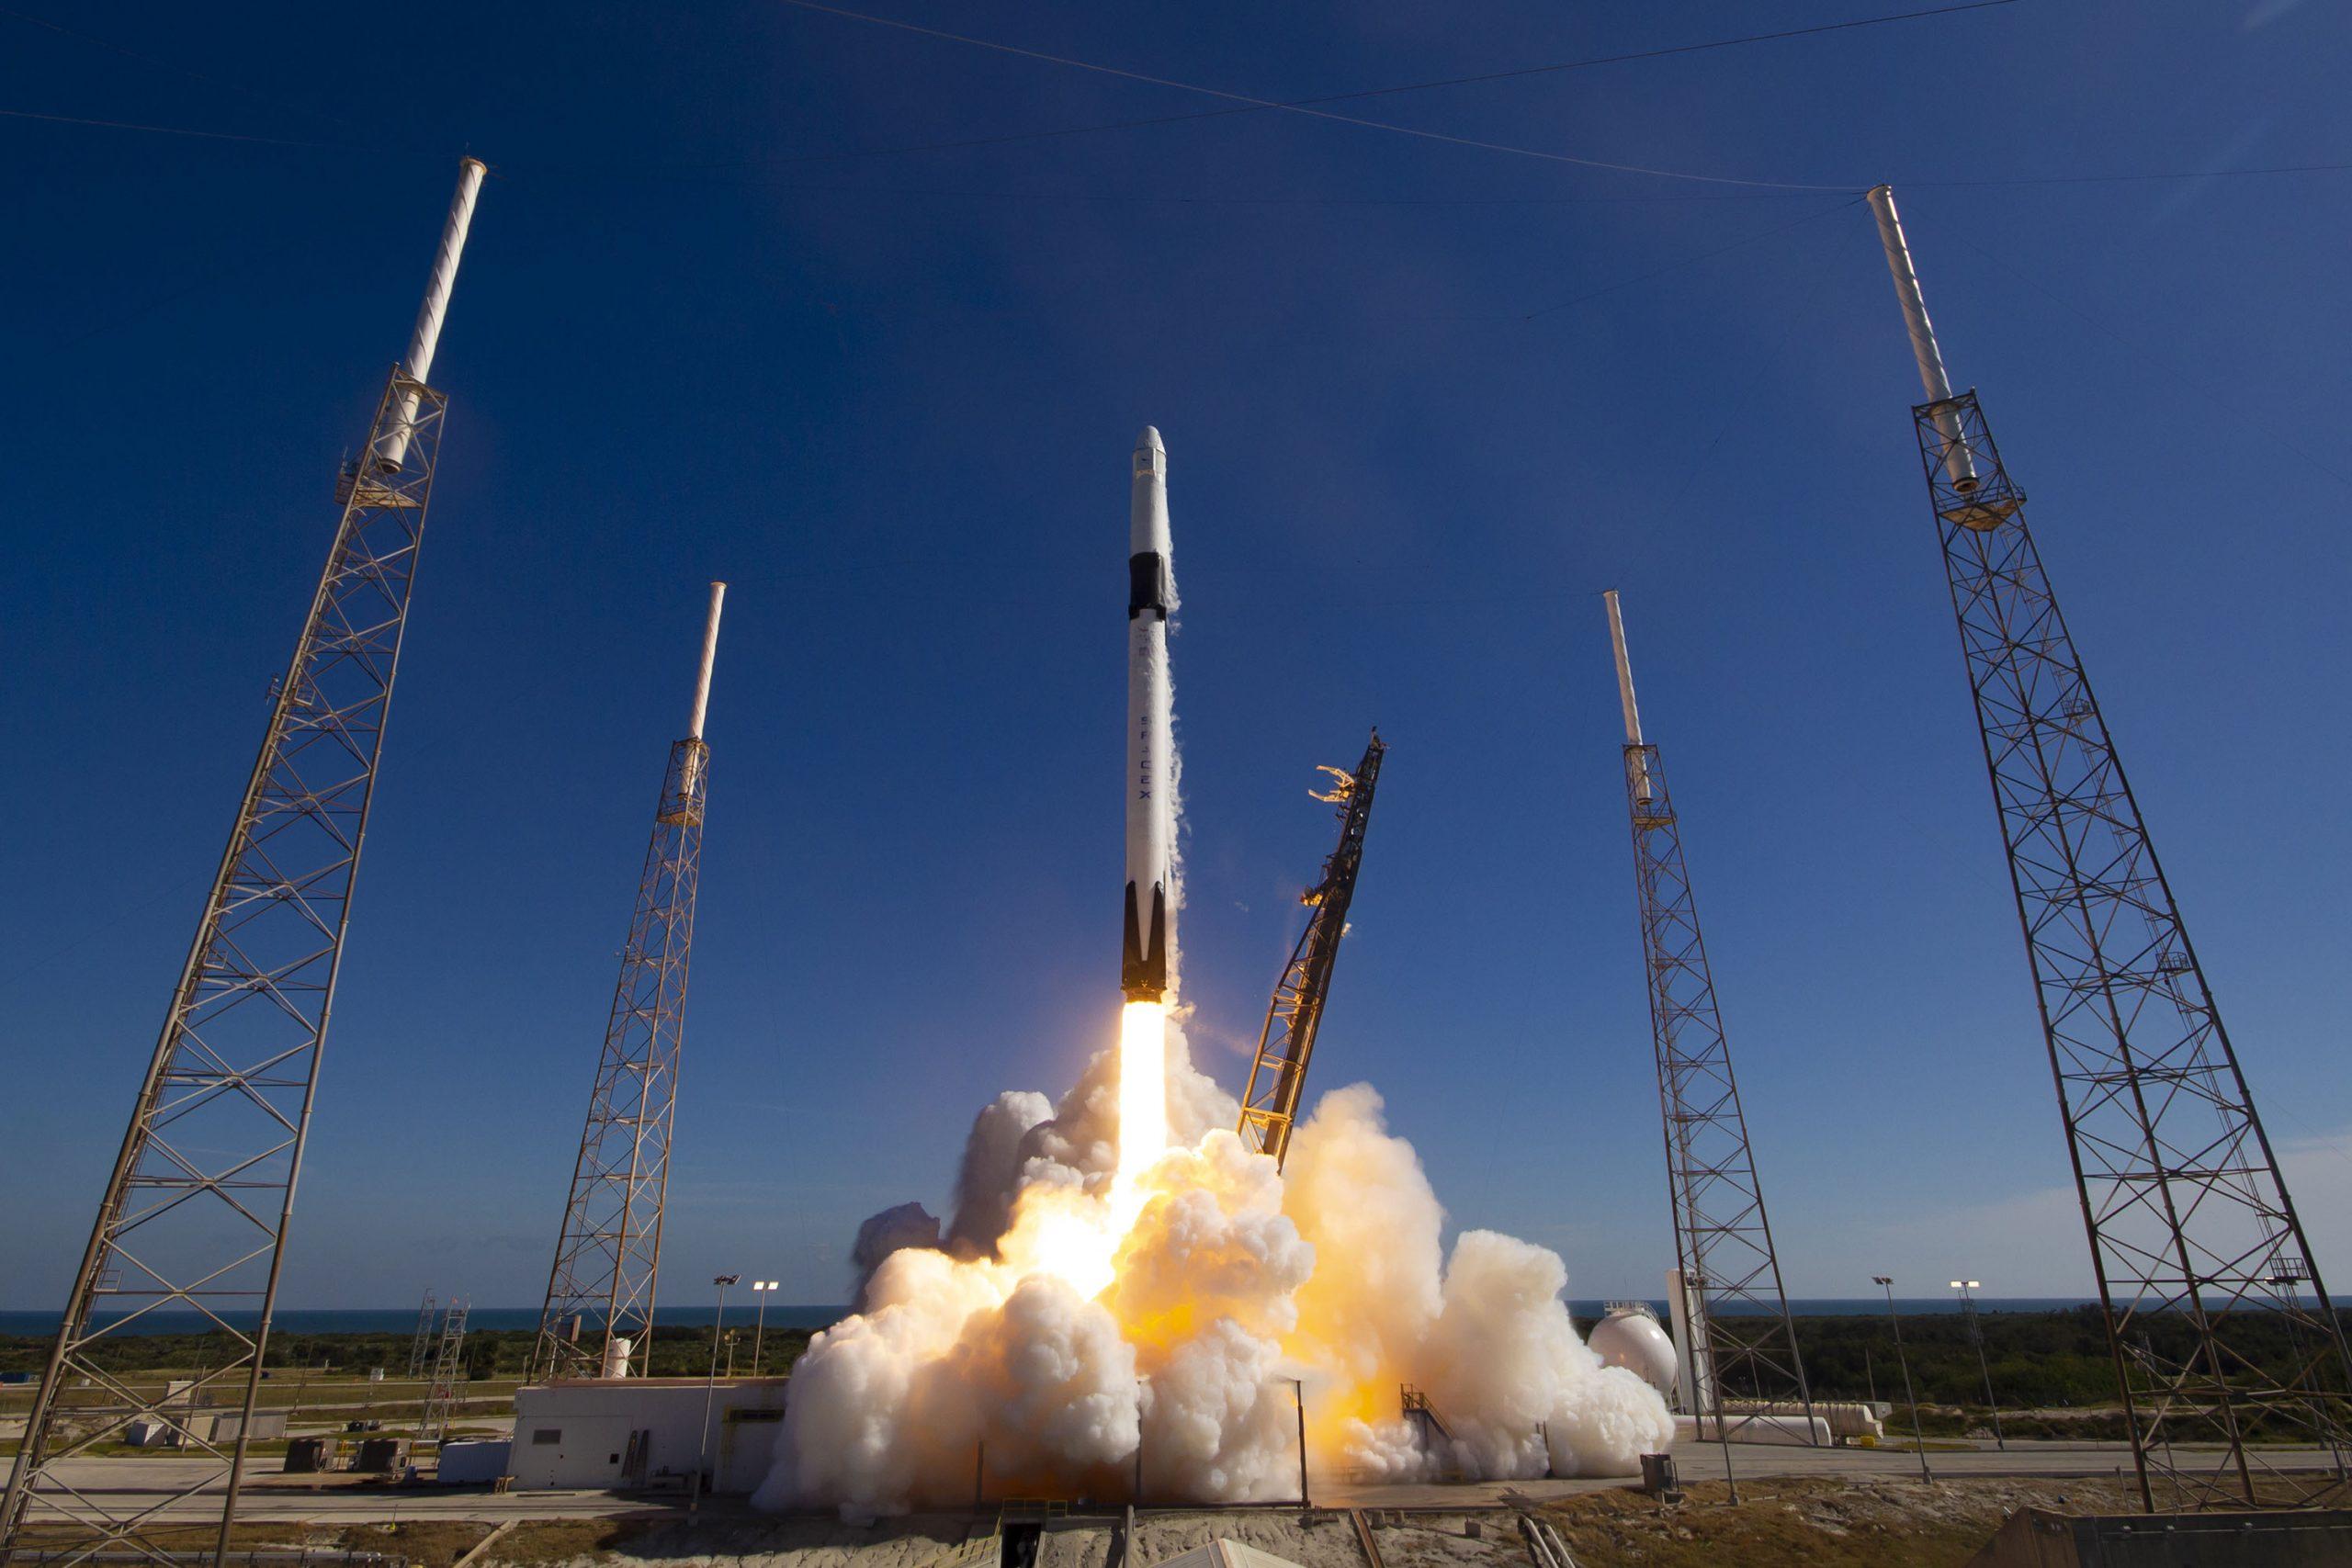 Terceiro foguete em duas semanas: SpaceX se prepara para nova entrega do projeto Starlink